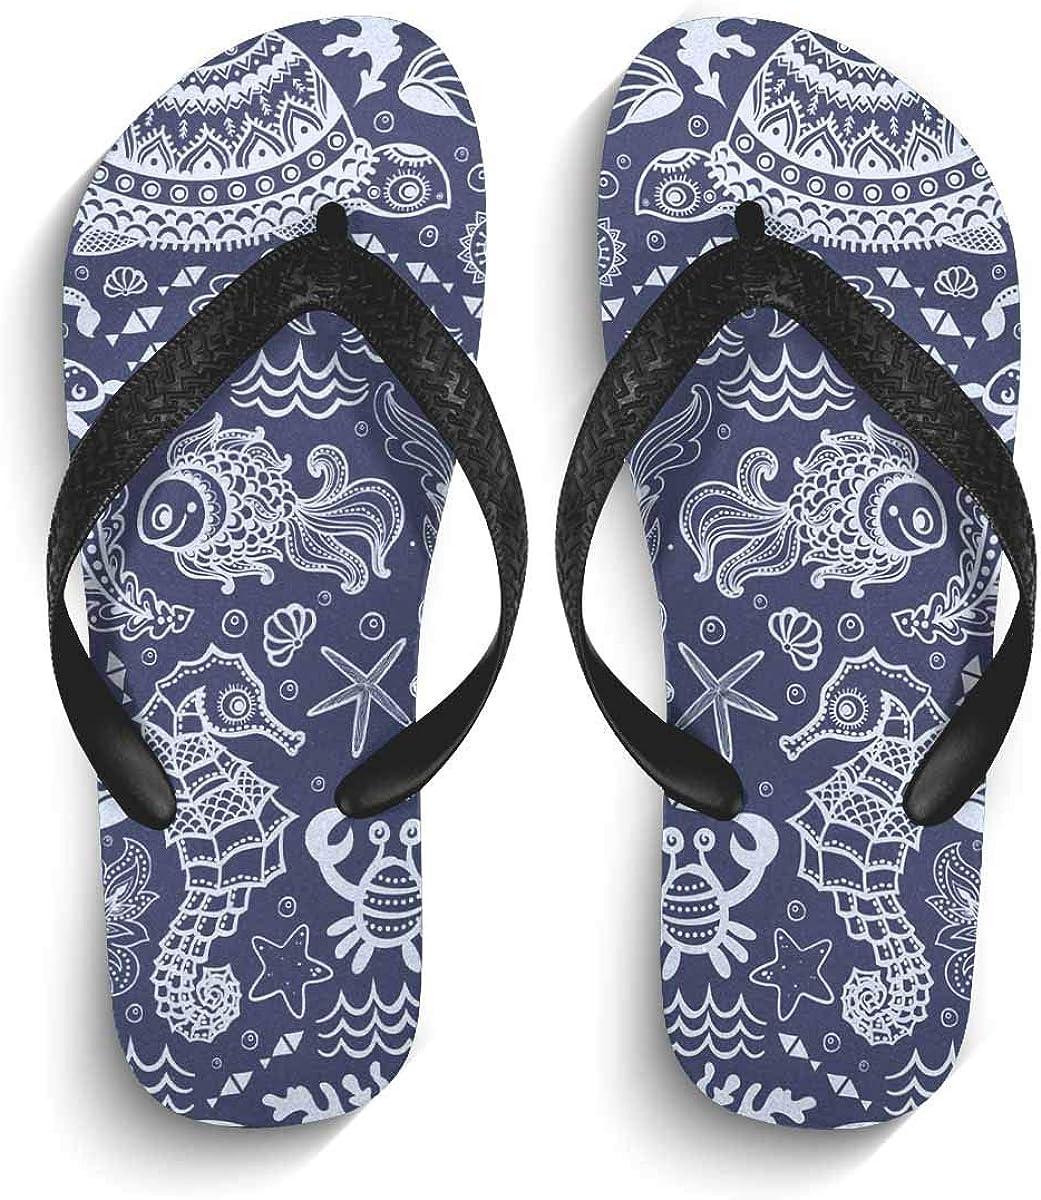 InterestPrint Men's Non-Slip Flip Flops Cherry Blossom Unicorn Thongs Sandals for Beach Lounging Home